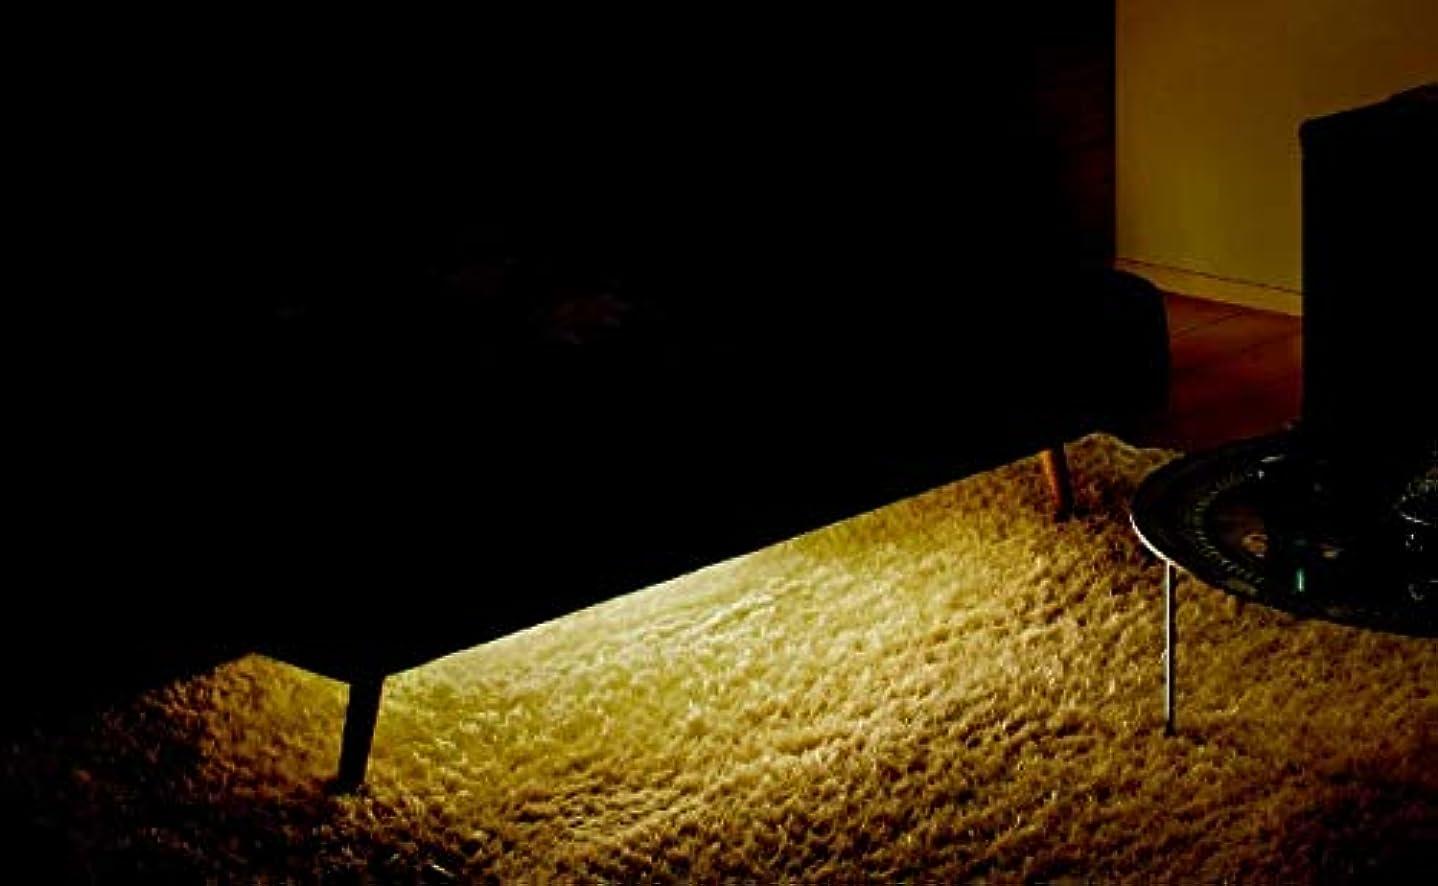 ポークネイティブ平均大光電機(DAIKO) LEDスポットスタンドライト(LED内臓) 16W 床置、壁付、使用可能 電球色 2700K DXL-81216